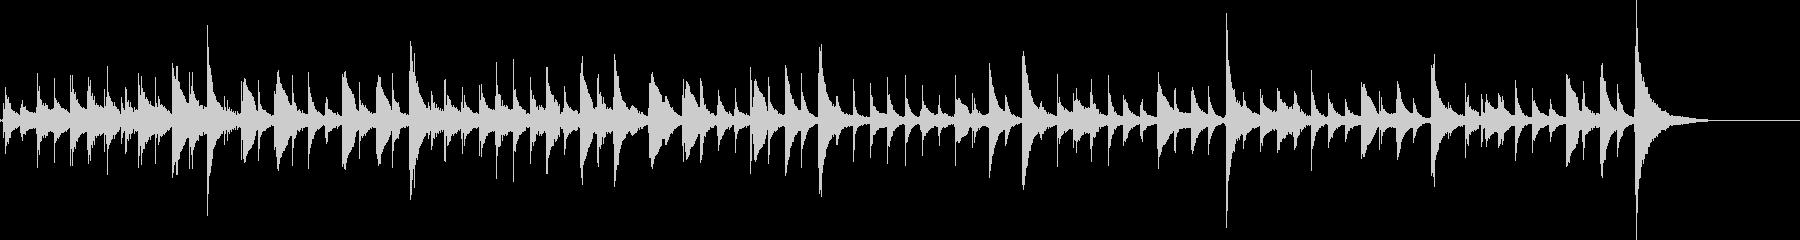 カリンバのやさしい音色とパーカッションの未再生の波形